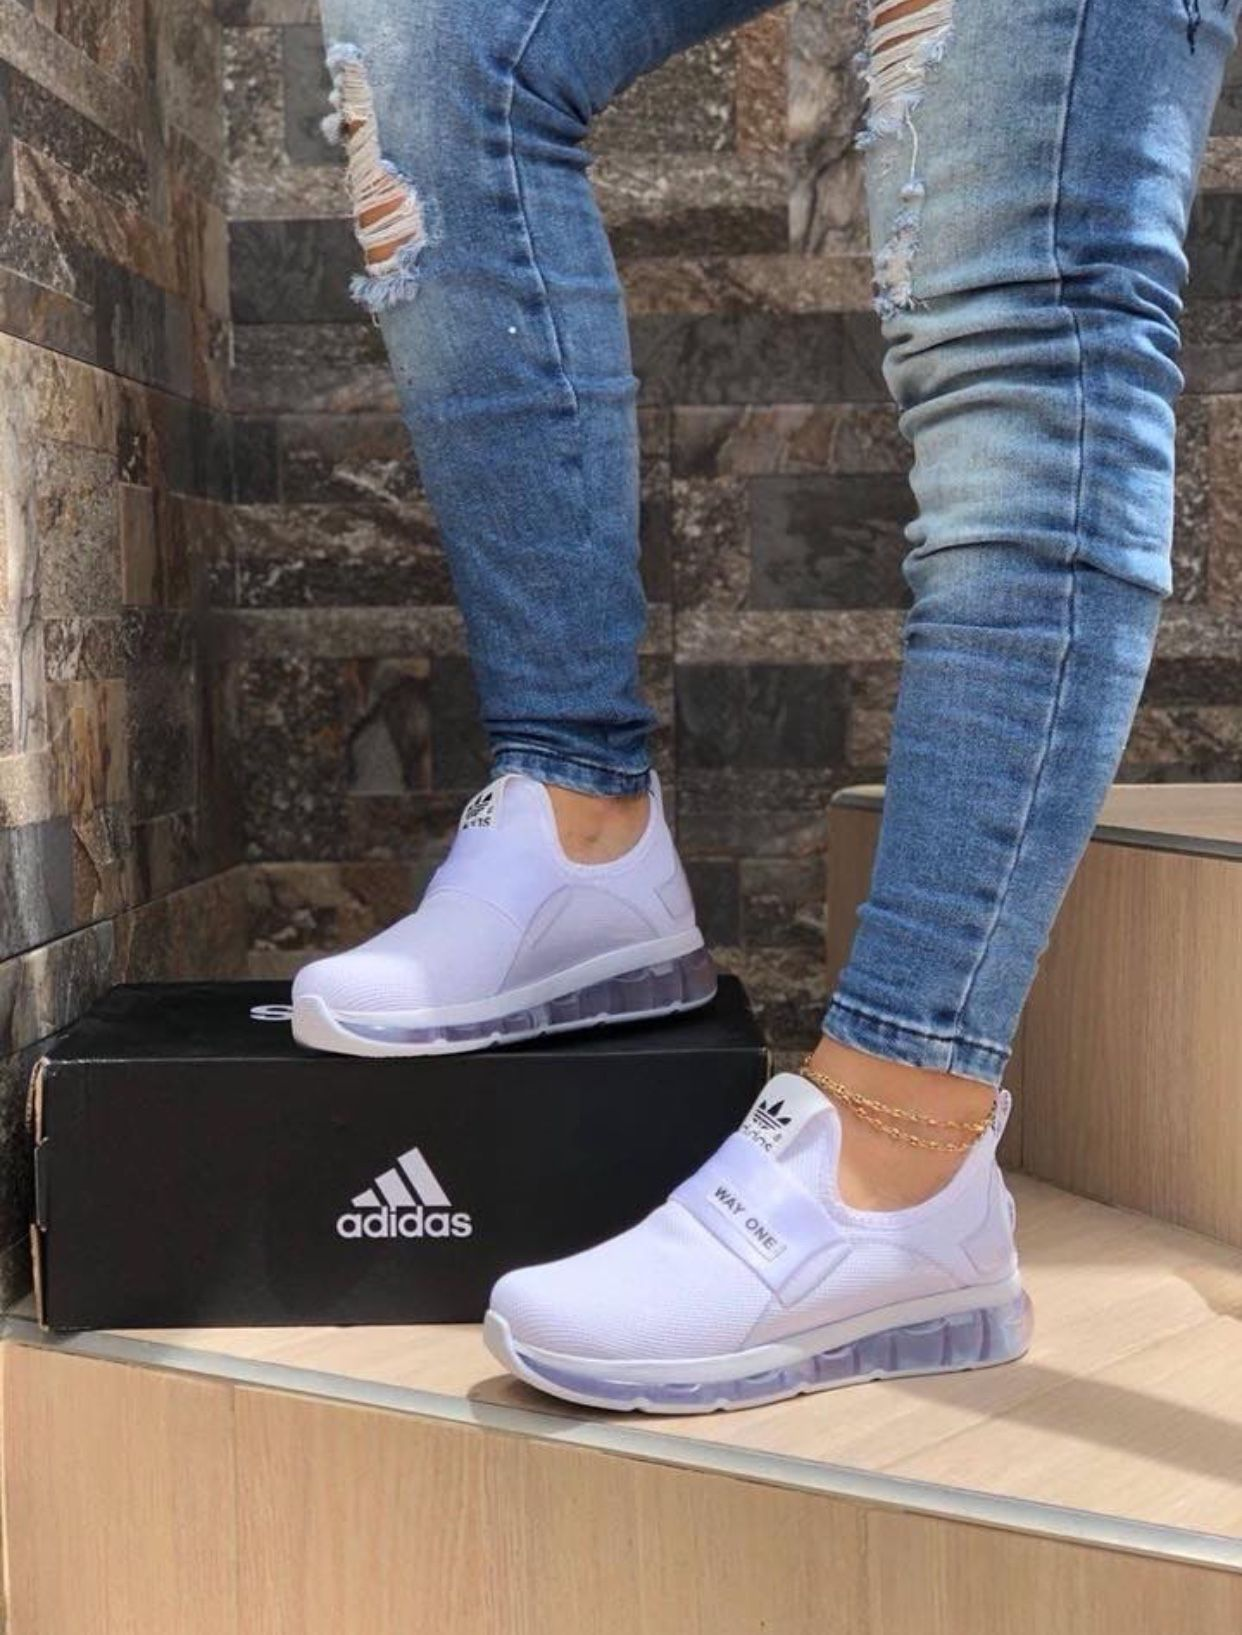 one way adidas off 56% - www.zrz.com.br